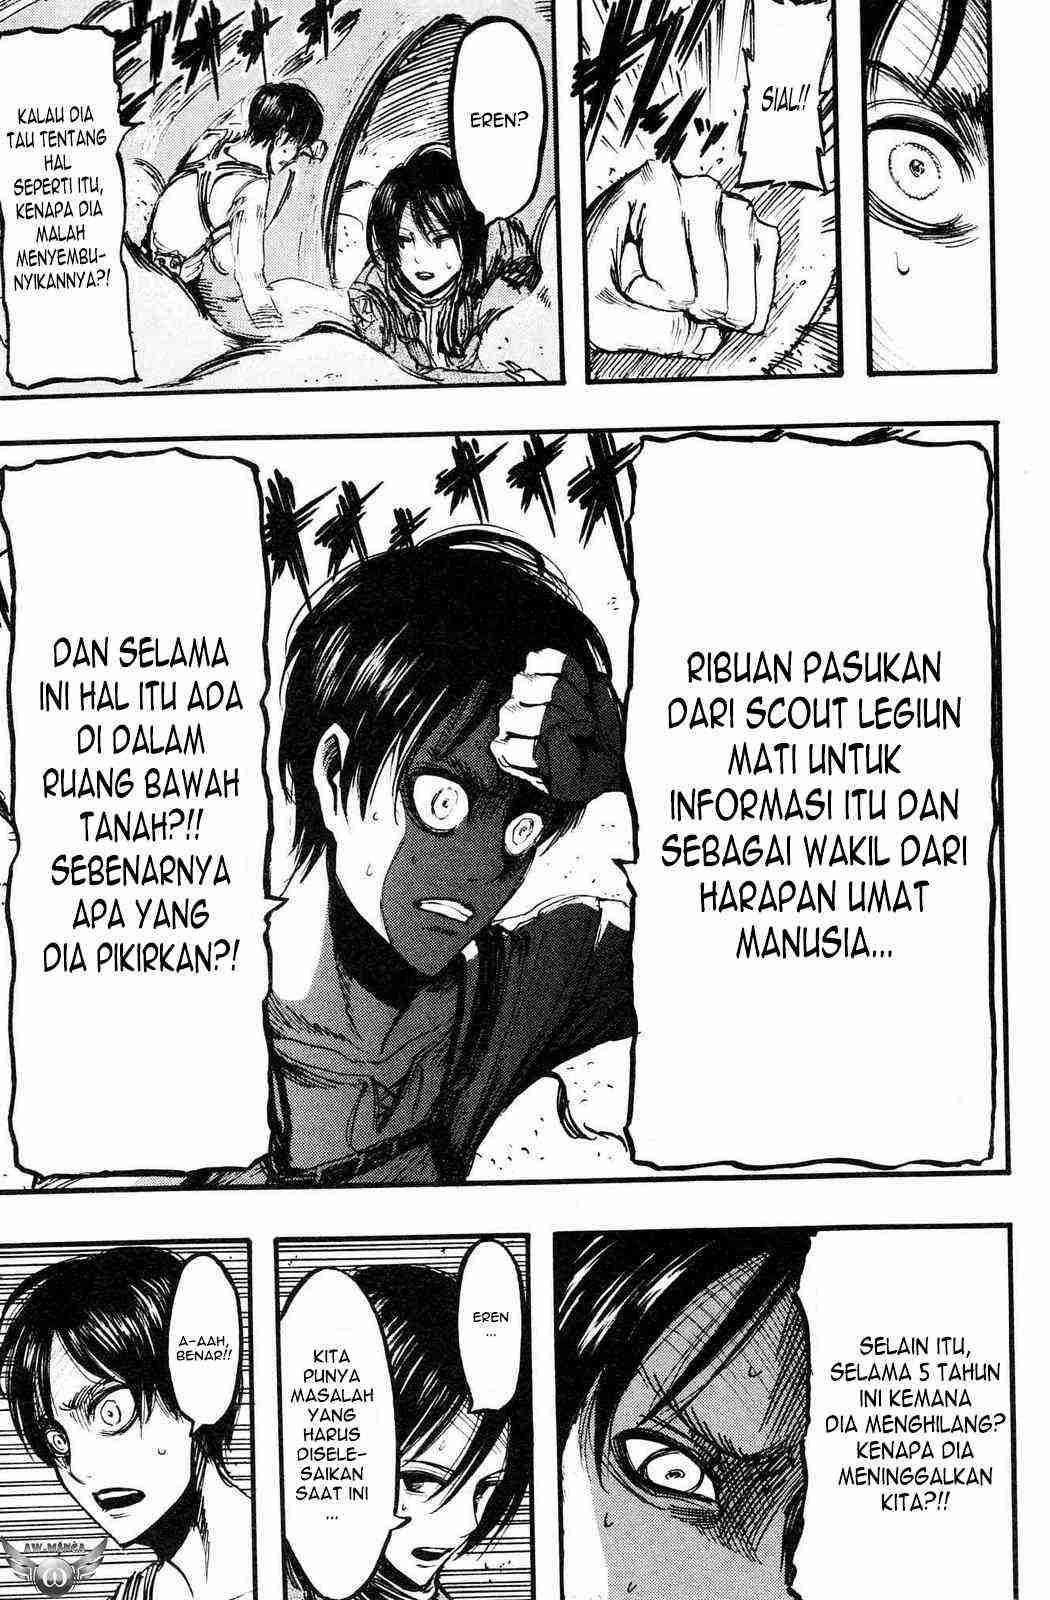 Komik shingeki no kyojin 011 12 Indonesia shingeki no kyojin 011 Terbaru 19|Baca Manga Komik Indonesia|